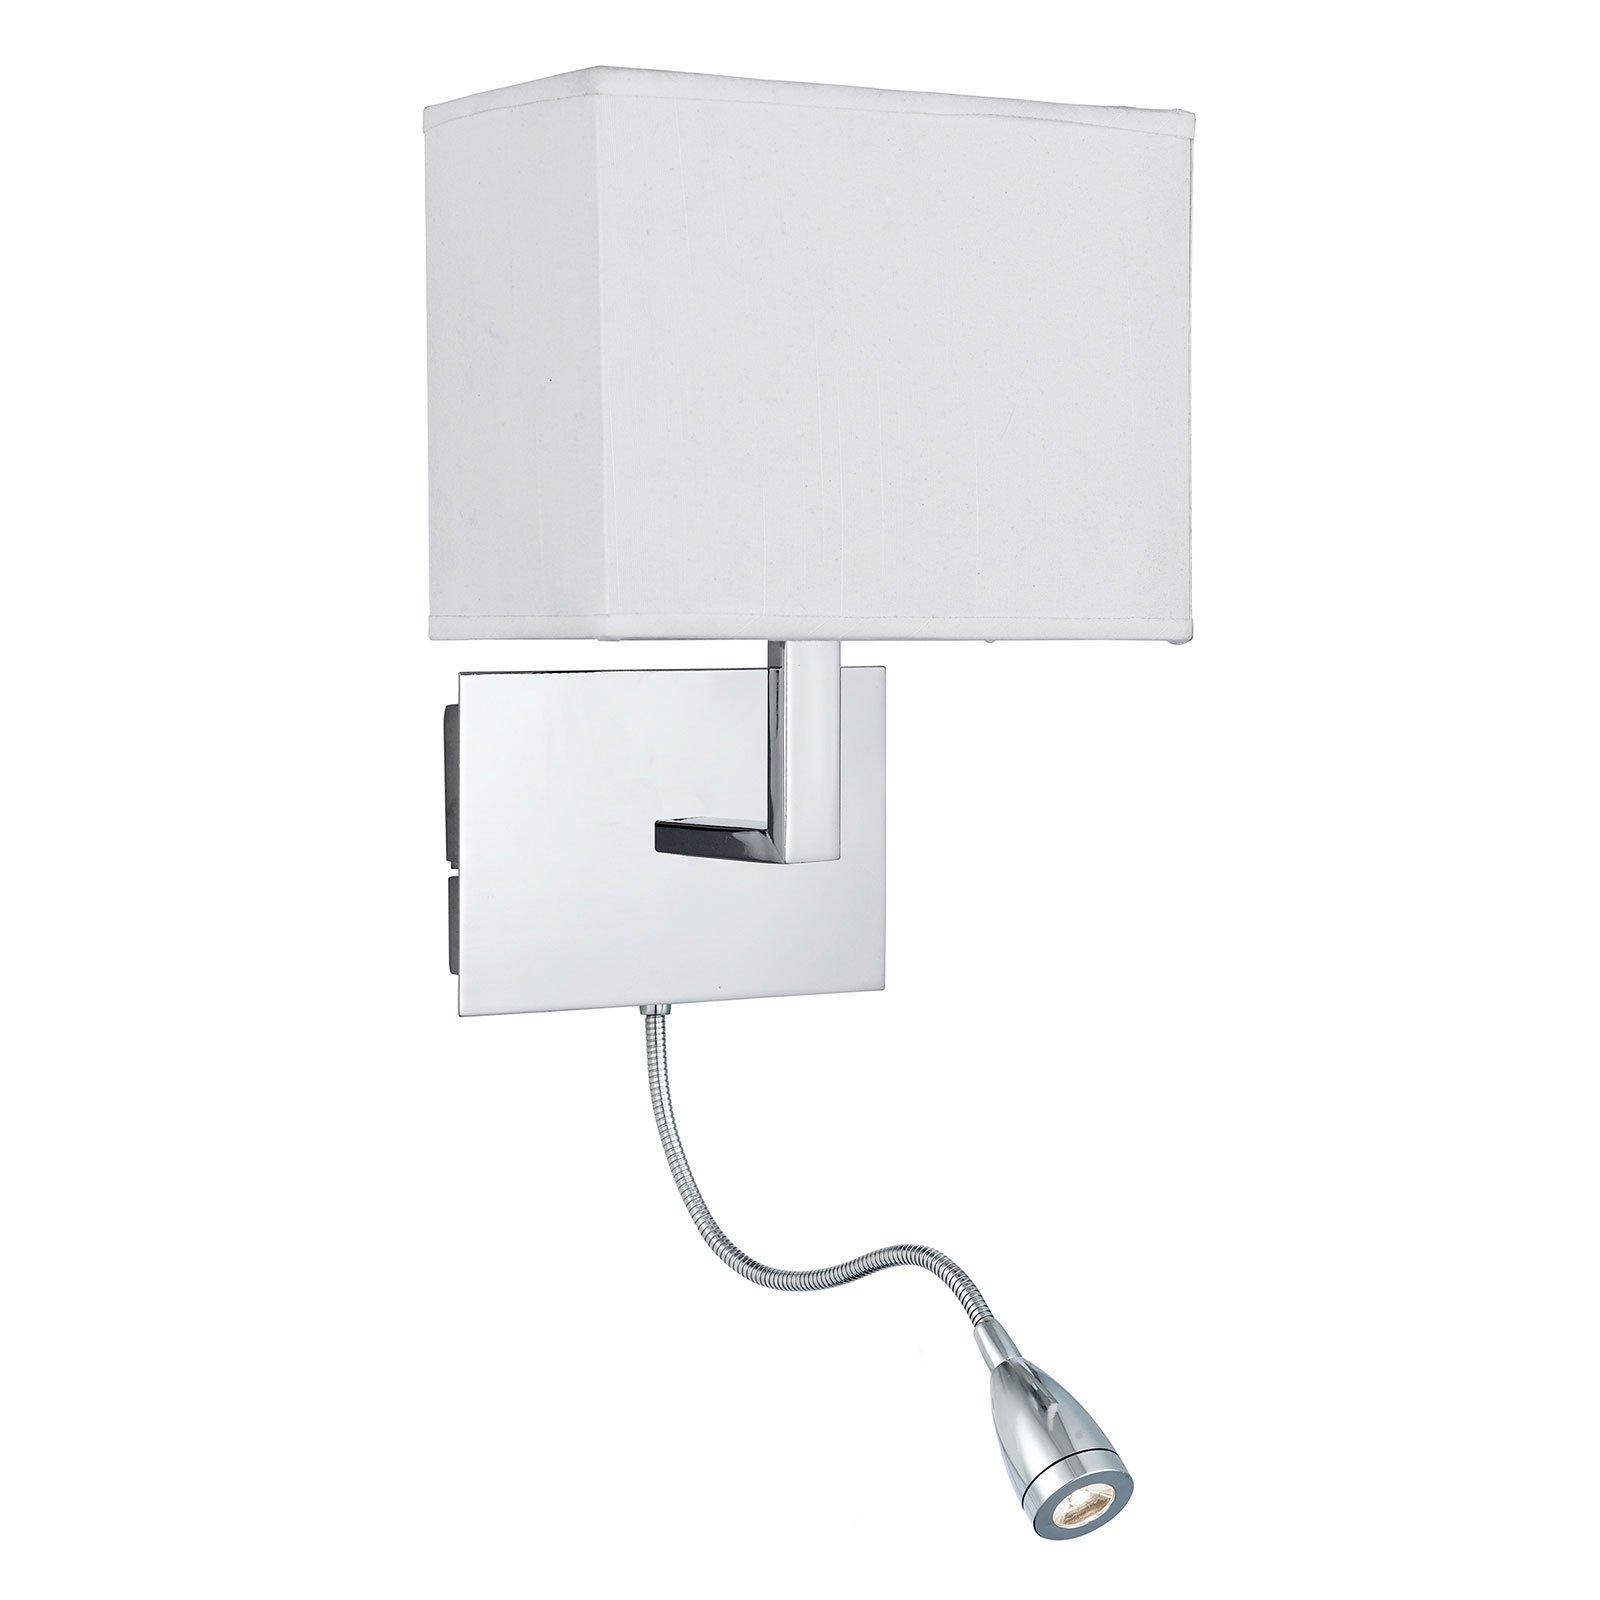 Vegglampe 6519 med LED-leselampe, krom